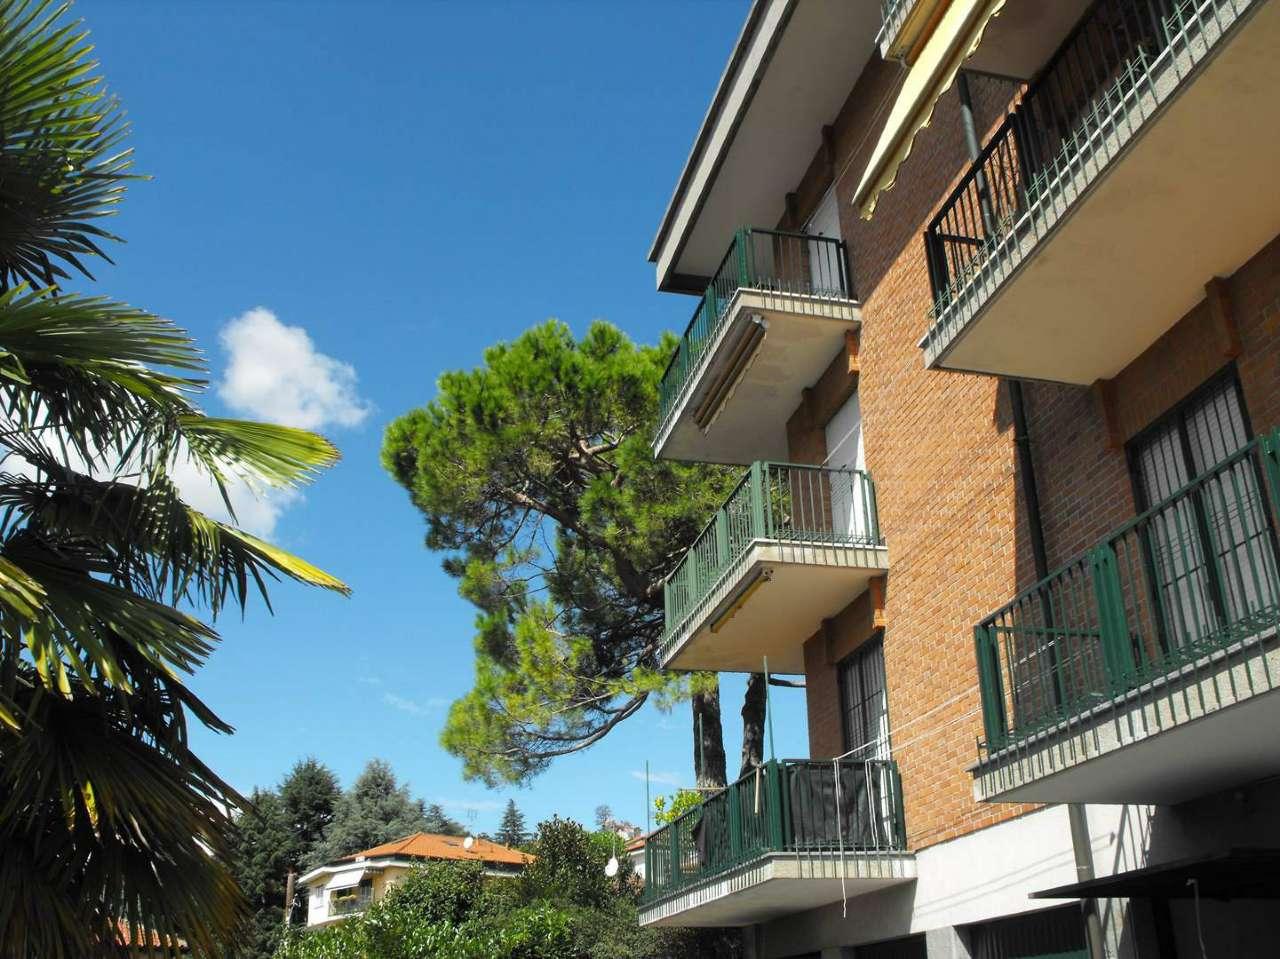 Appartamento in affitto a Pino Torinese, 4 locali, prezzo € 750 | PortaleAgenzieImmobiliari.it